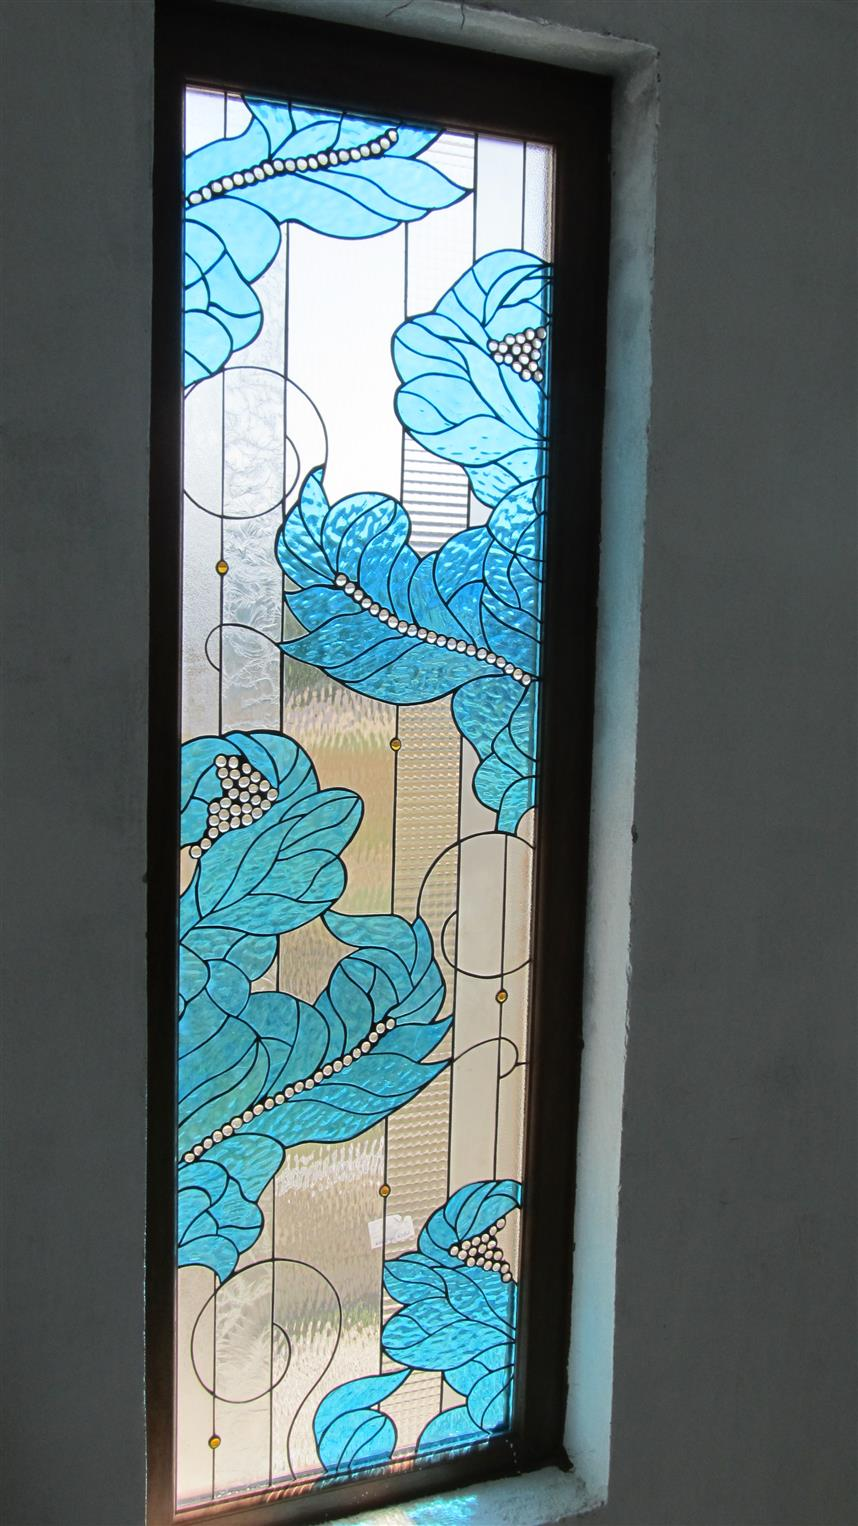 urla-evleri-vitray-calismasi201652145012815.jpg izmir vitray çalışması